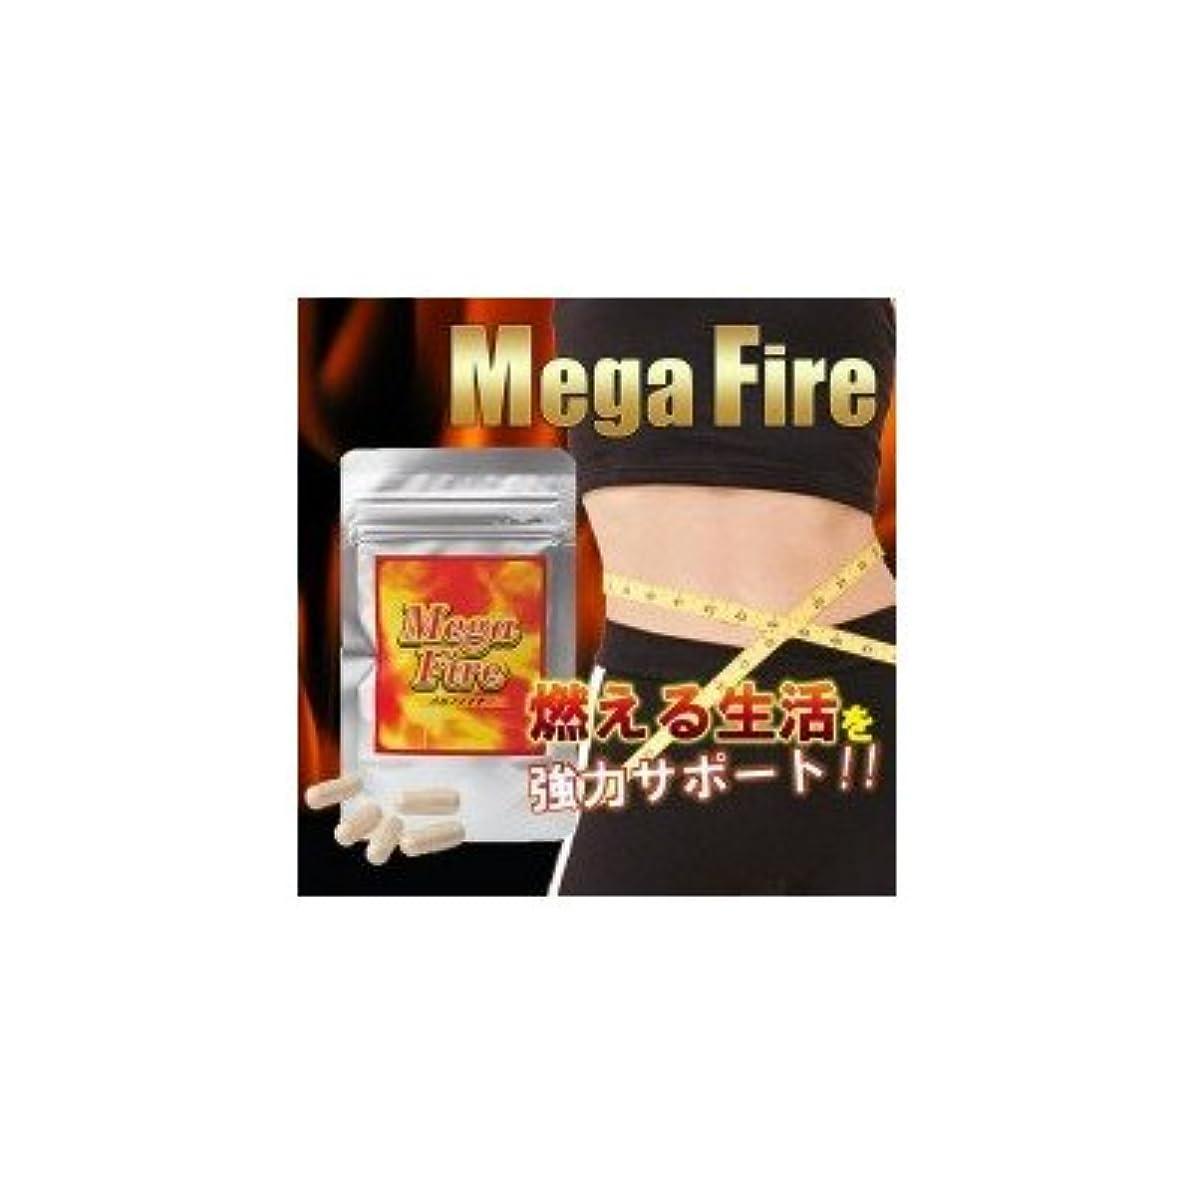 によって子羊カードMega-Fire(メガファイア) 13.9g(377mg(1粒内容量300mg)×37カプセル)